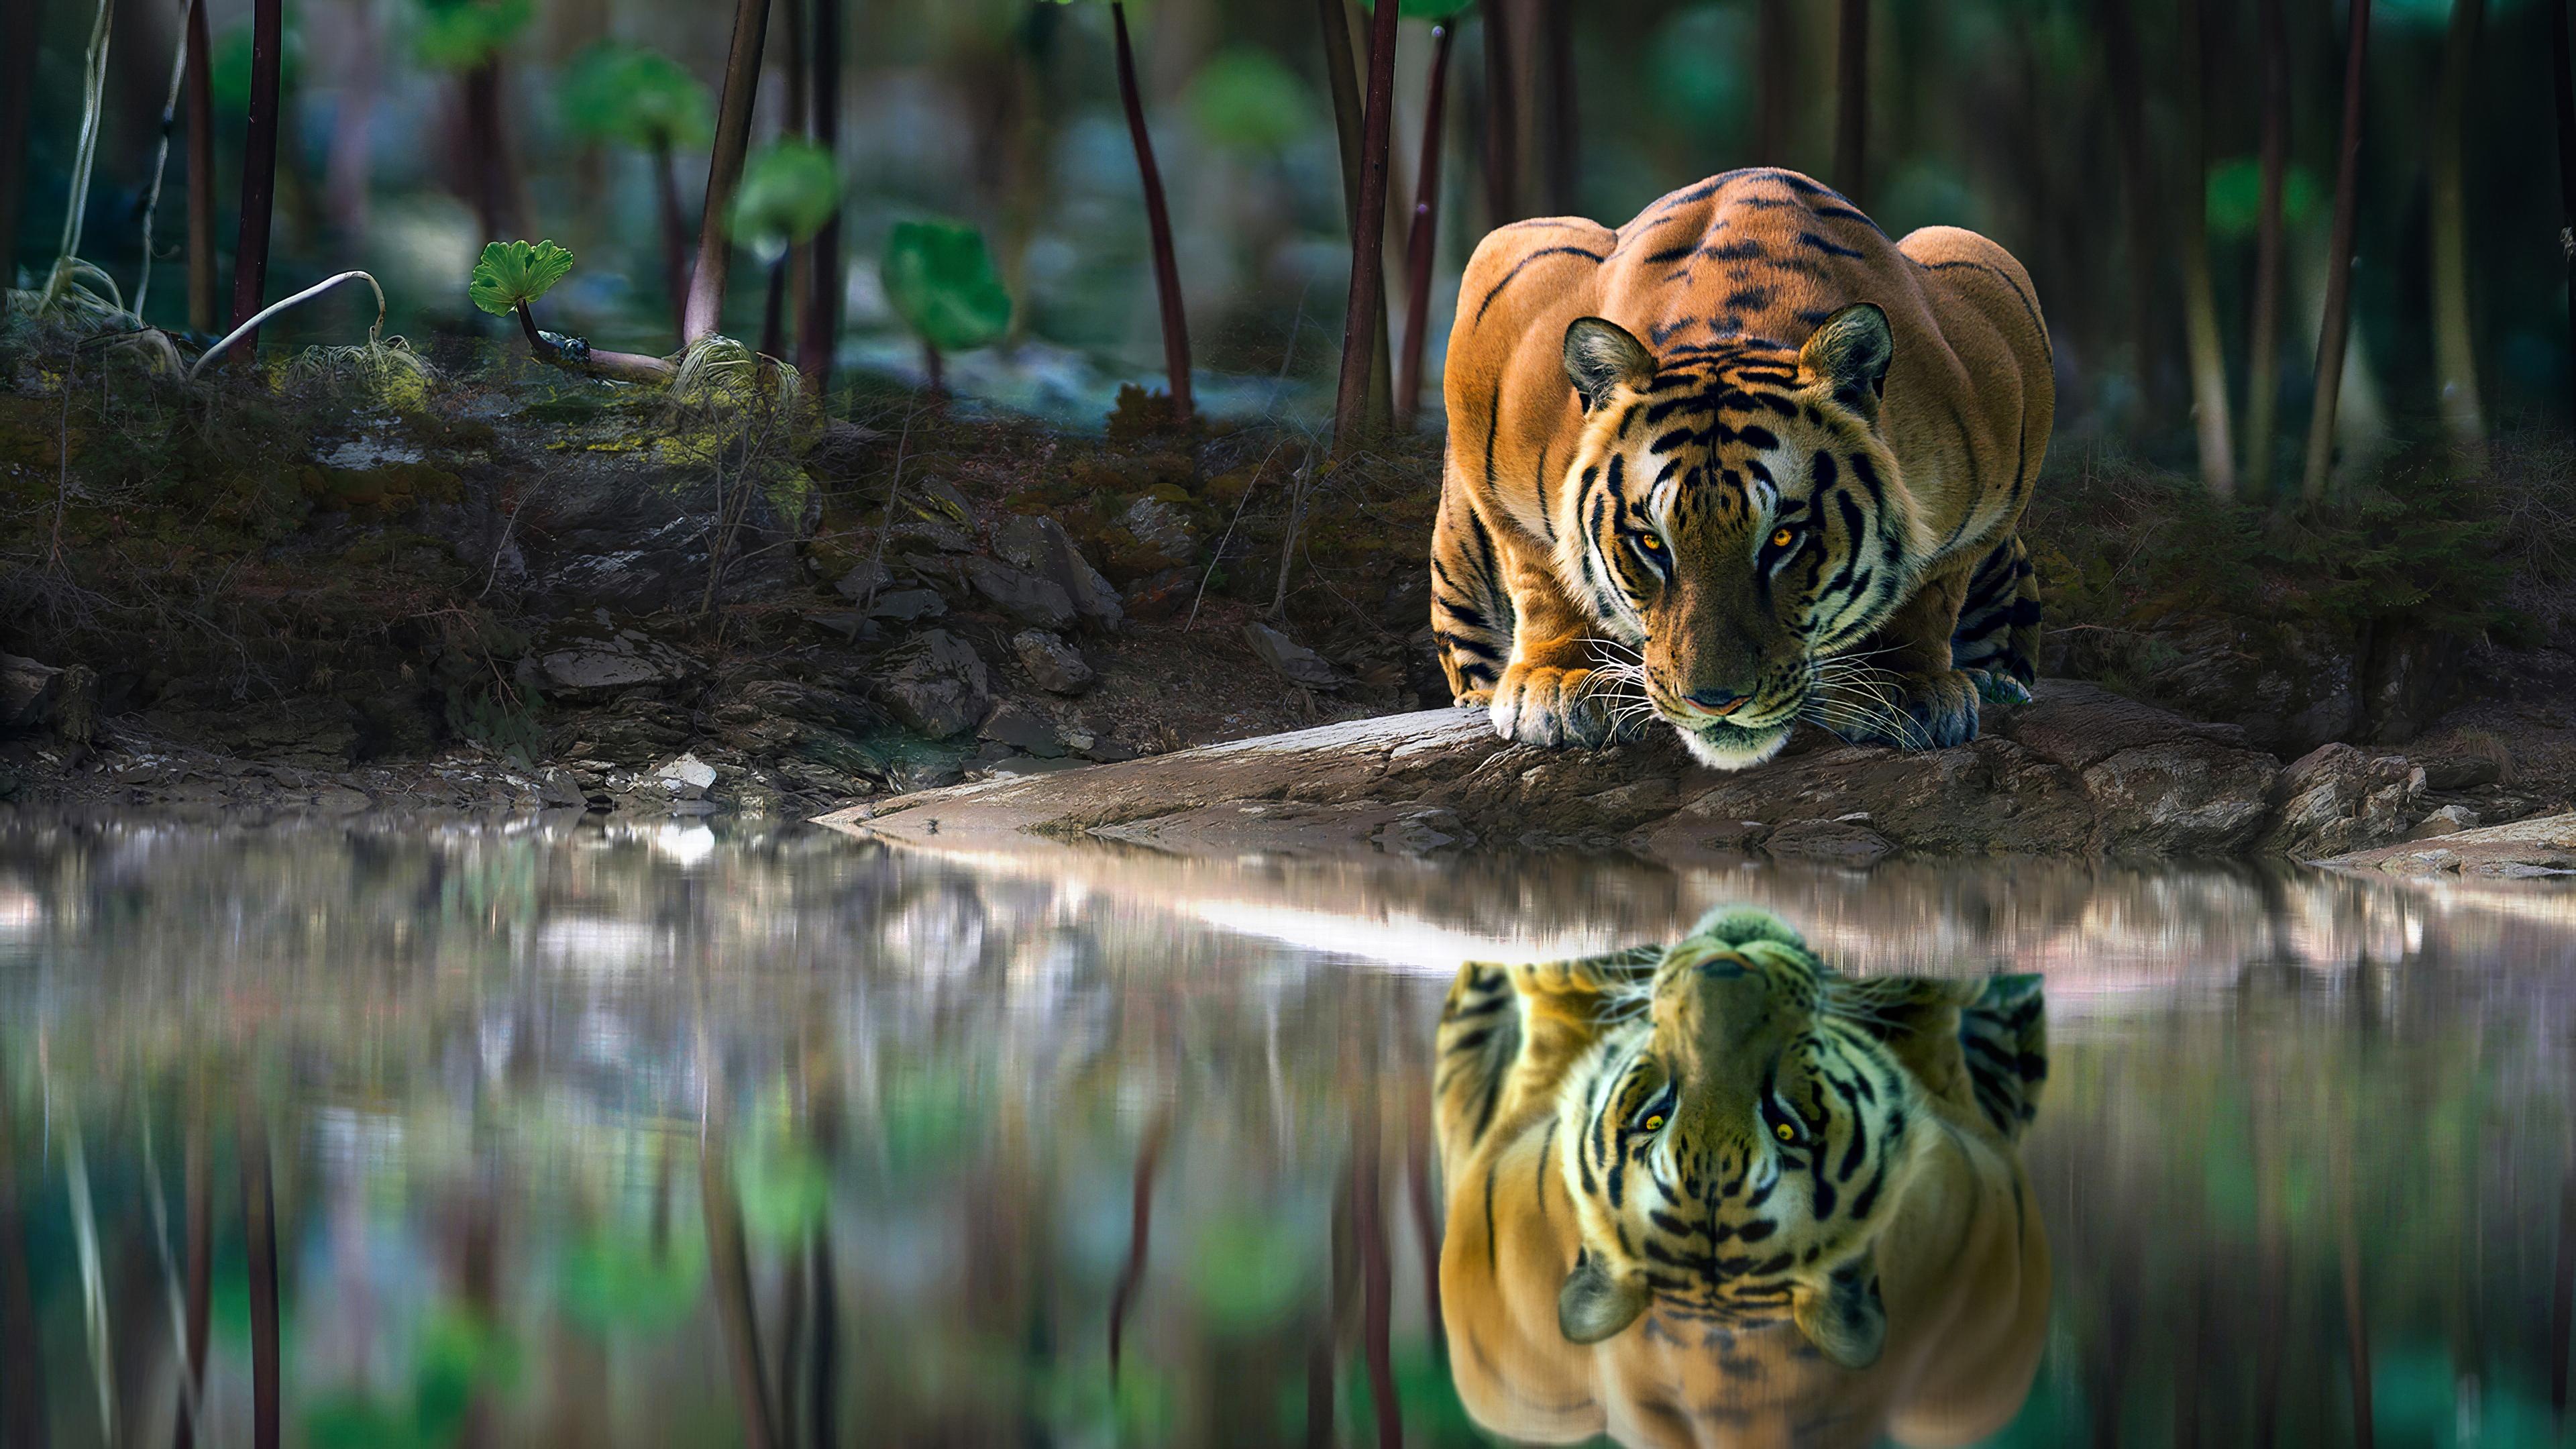 tiger glowing eyes drinking water 1574938182 - Tiger Glowing Eyes Drinking Water -